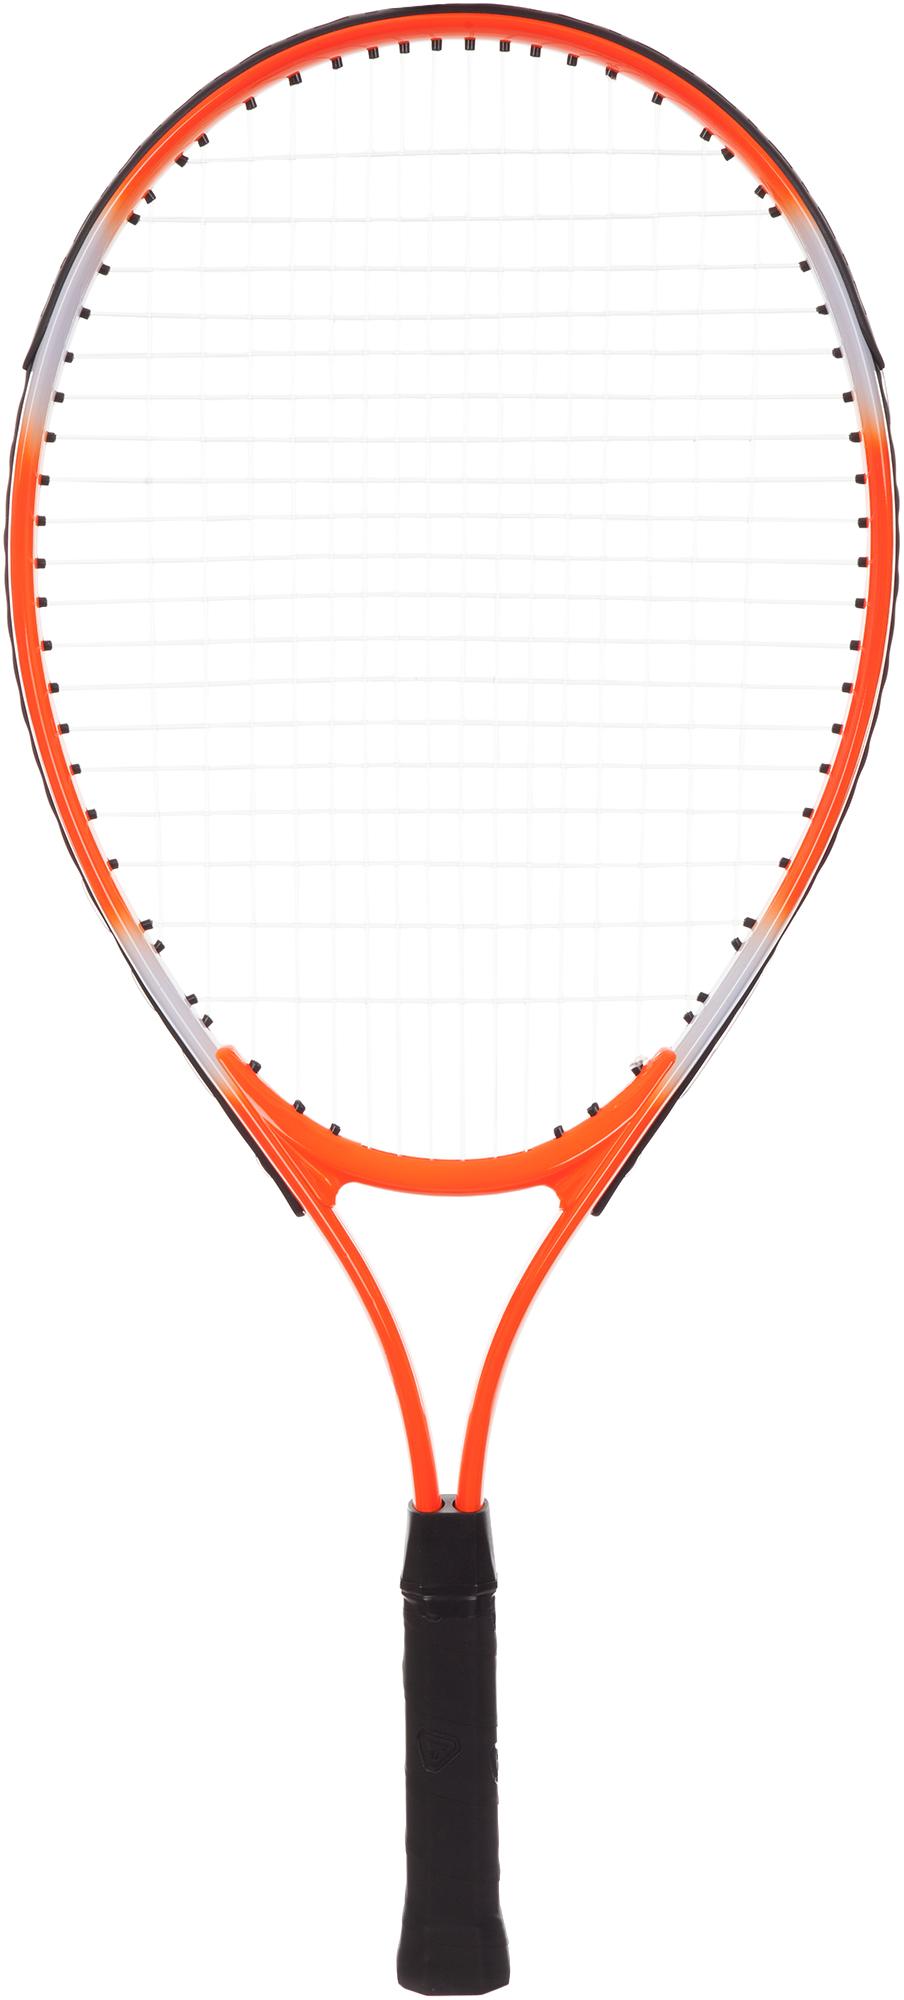 Torneo Ракетка для большого тенниса детская Torneo 23 torneo ракетка для большого тенниса детская torneo 25 размер без размера